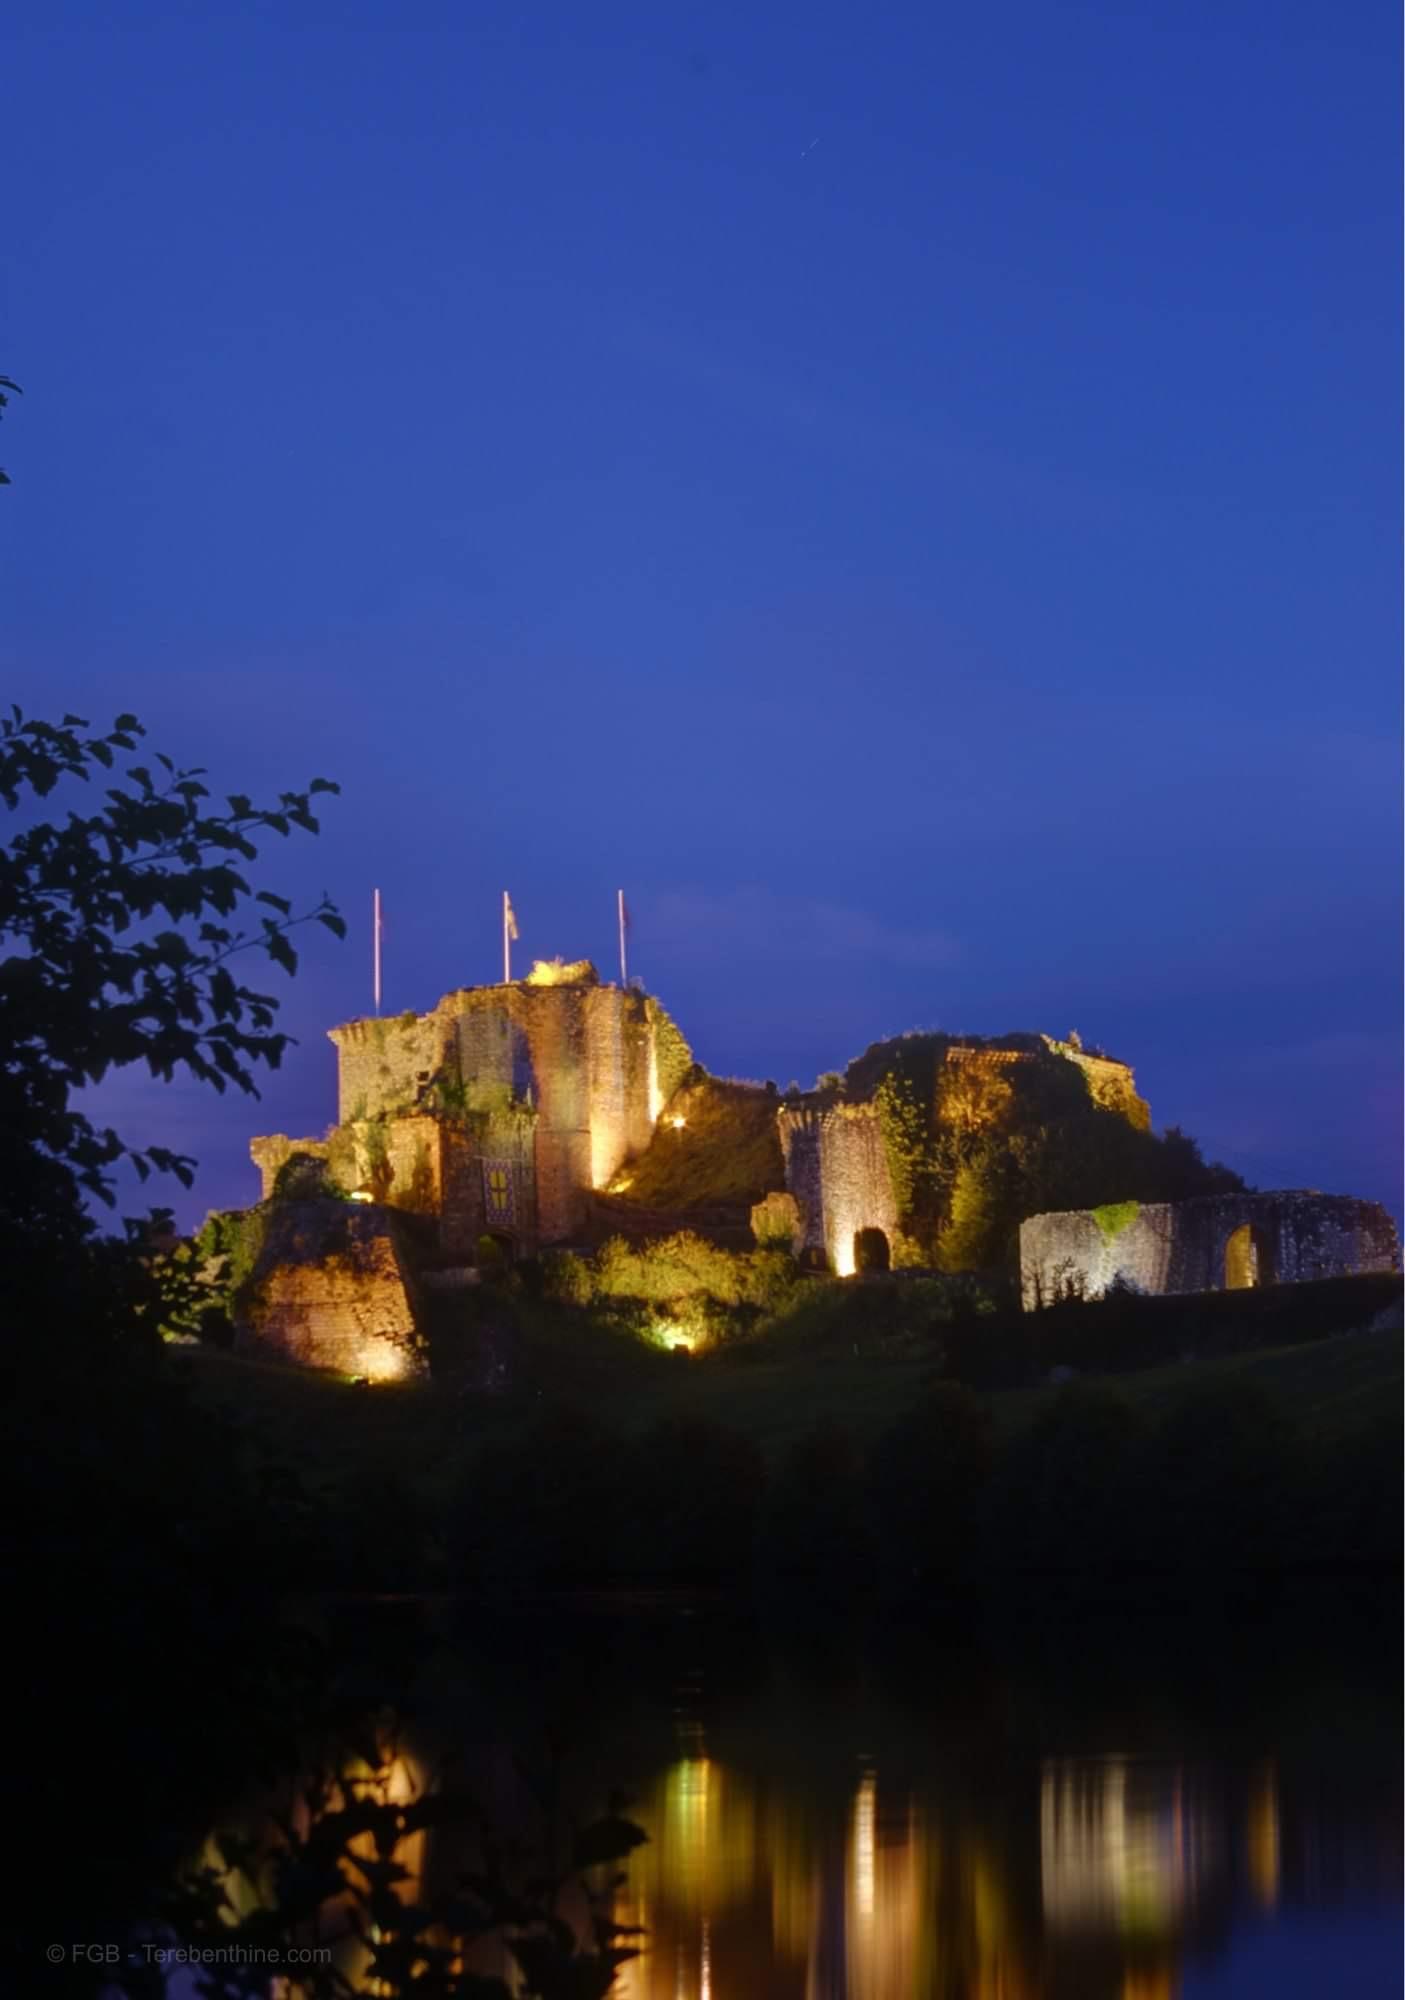 Замок Тиффаж. «Замок Синей Бороды». Франция.